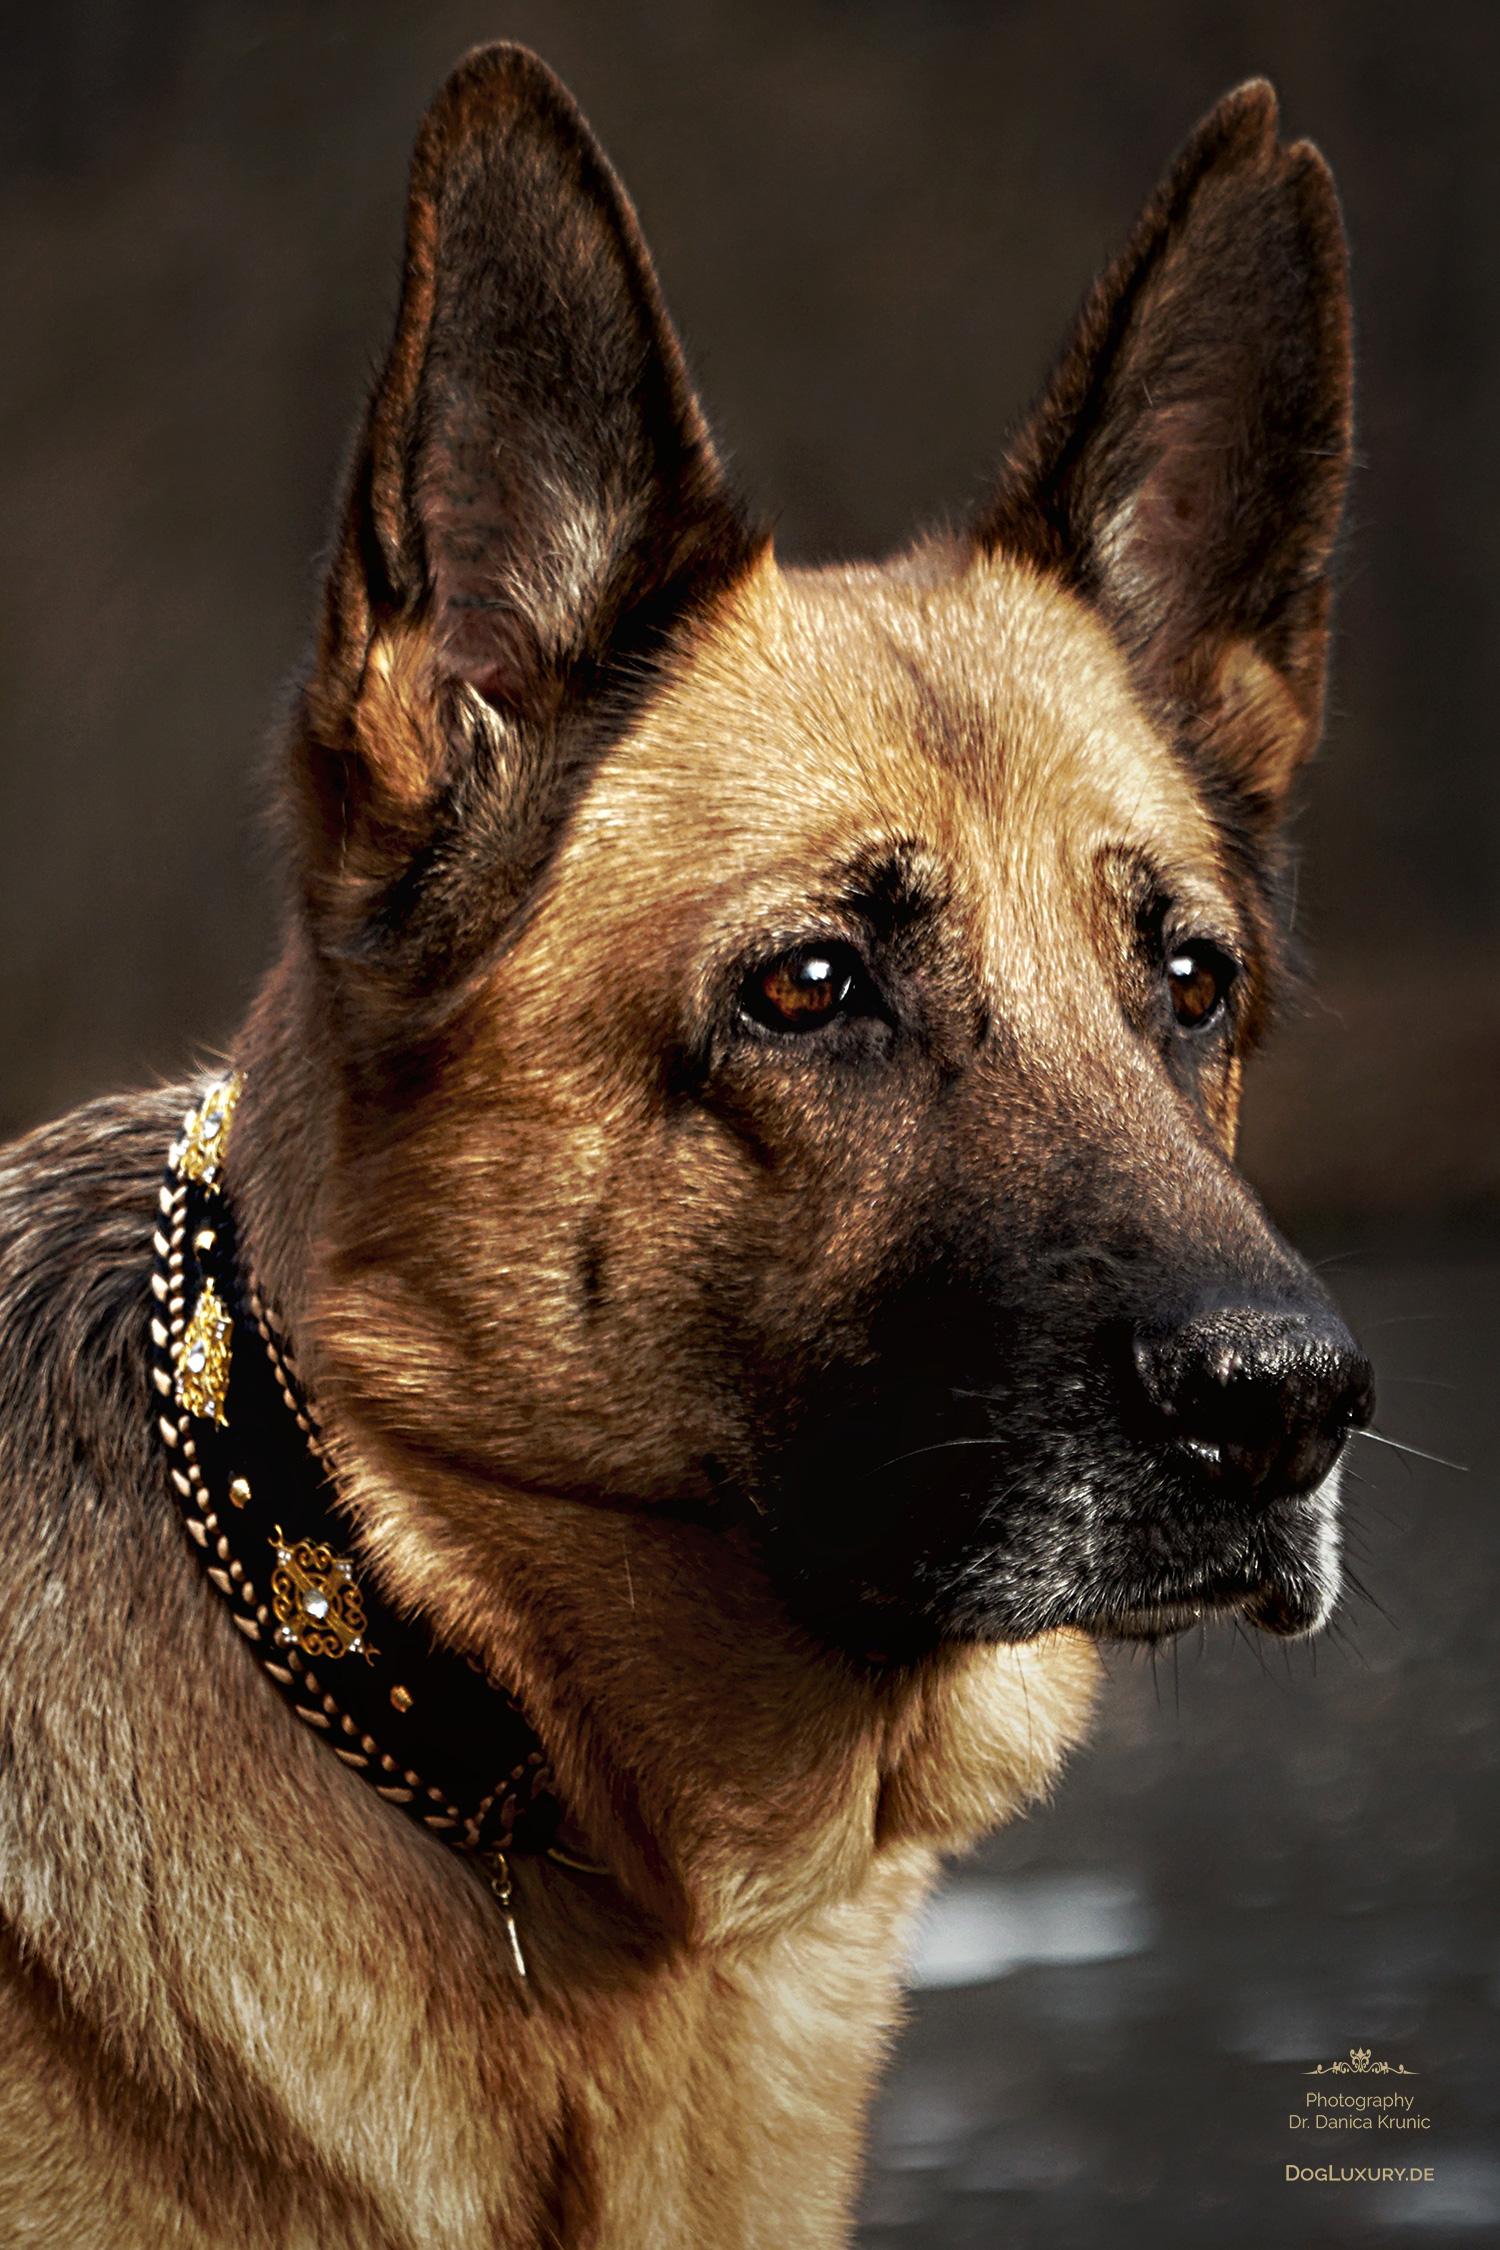 Luxus Hundezubehör für den Luxury Dog: Hundehalsband